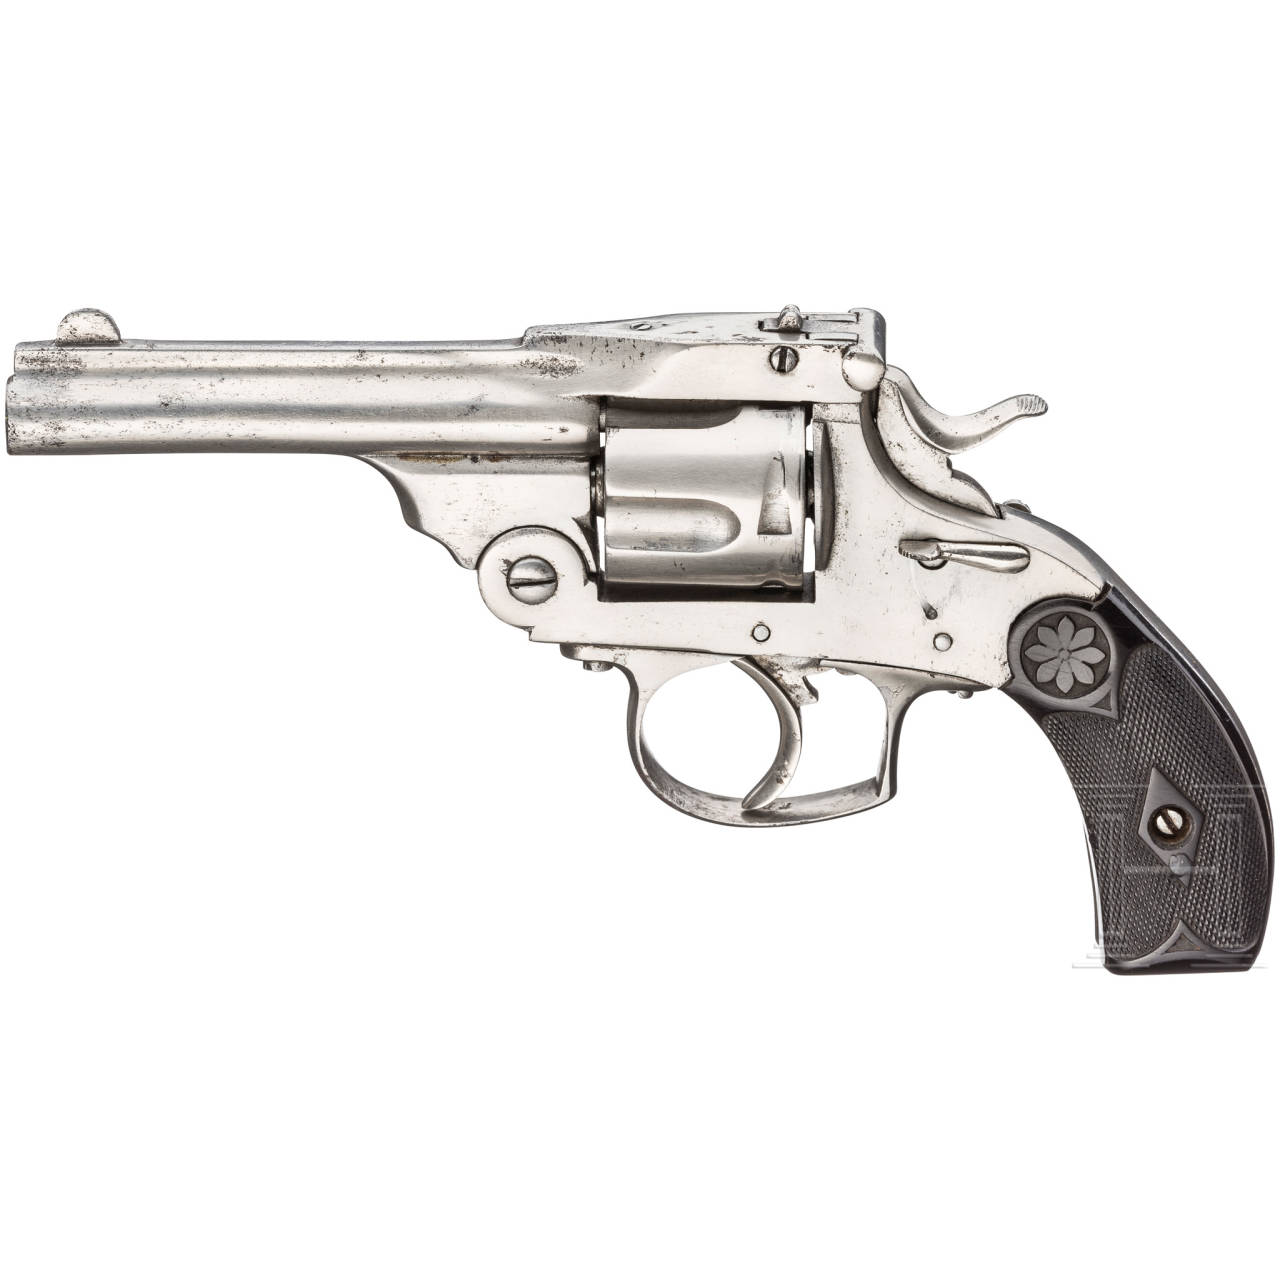 Fünfschüssiger Revolver, vernickelt, Belgien